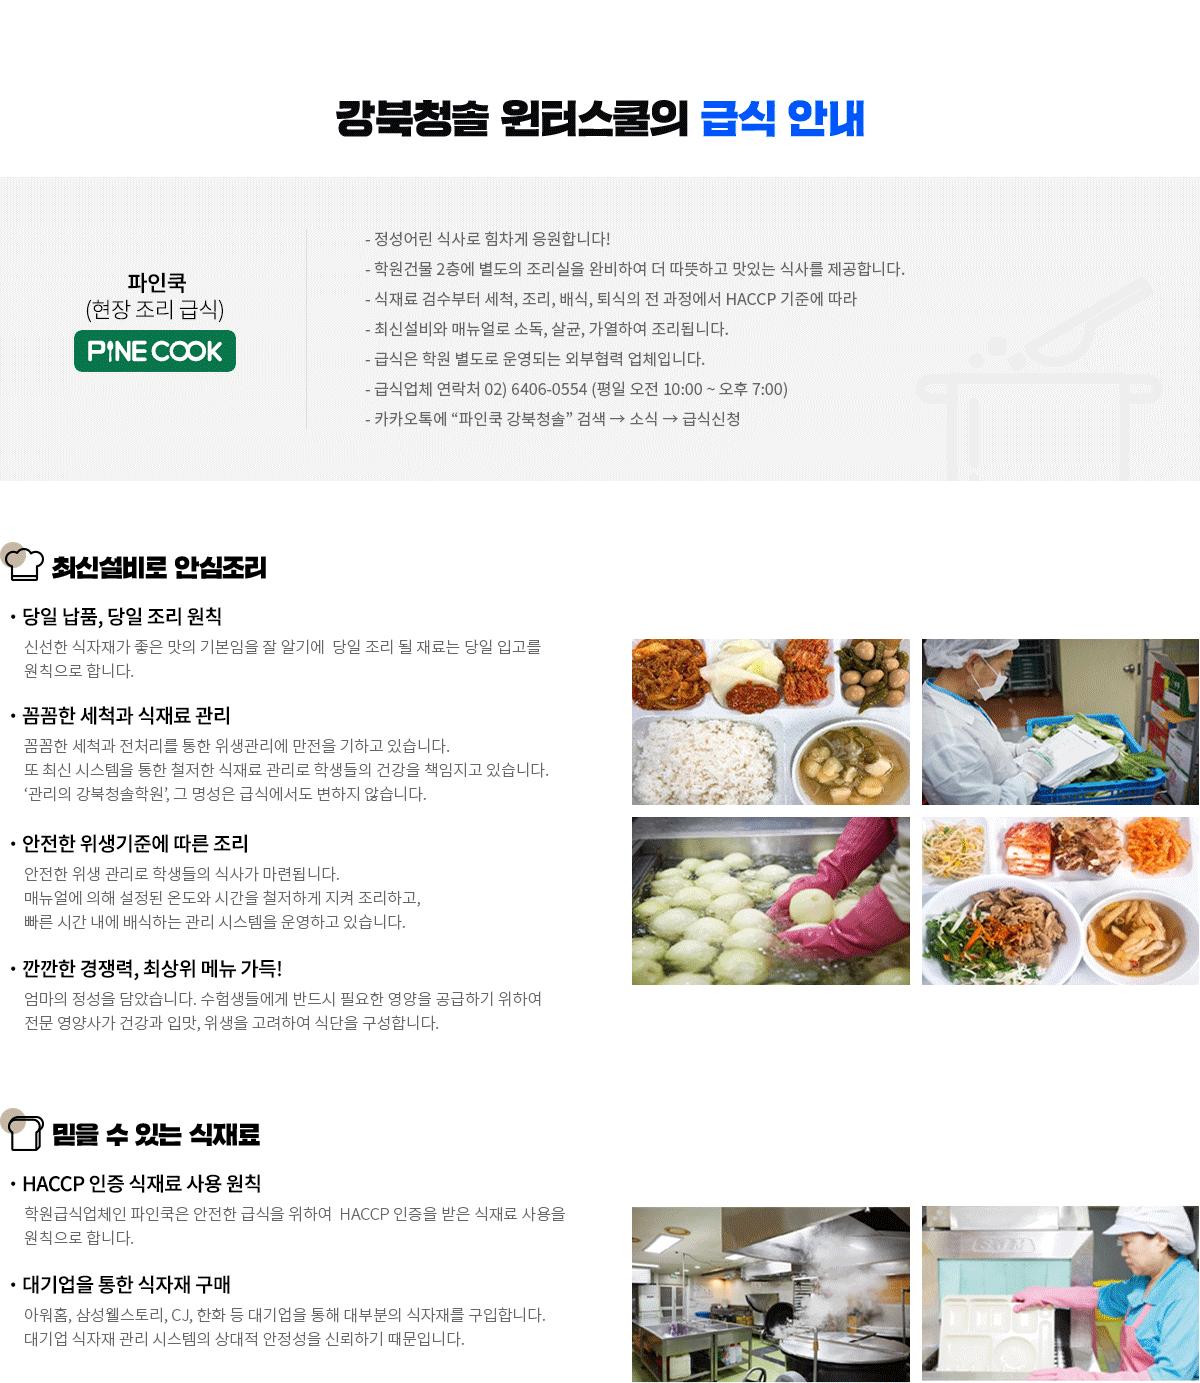 강북청솔 윈터스쿨의 급식안내